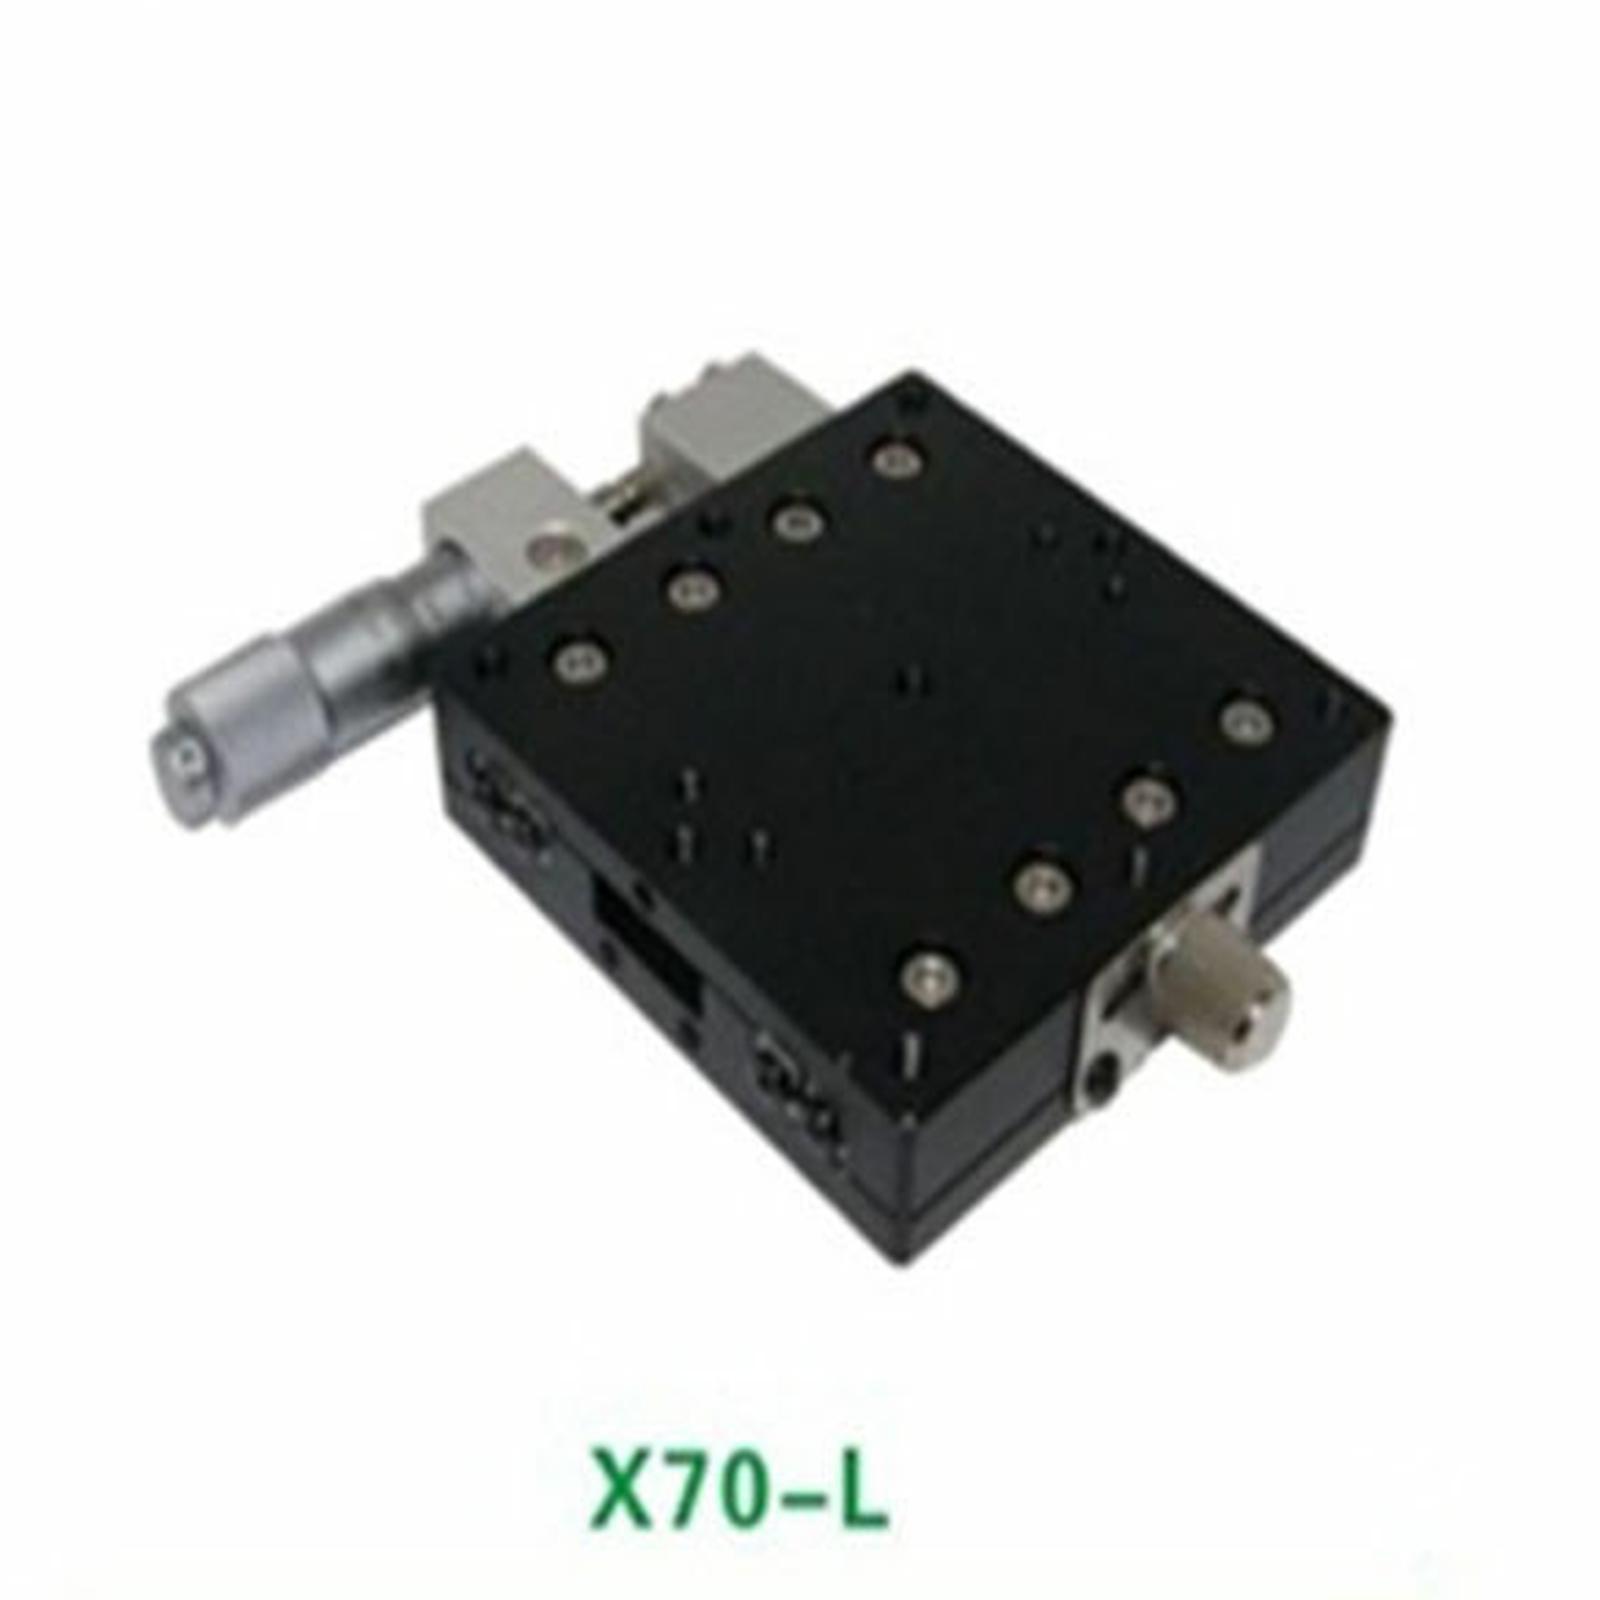 ميكرومتر منصة خطي ، منصة دقيقة ، المرحلة اليسرى ، 70 × 70 مم